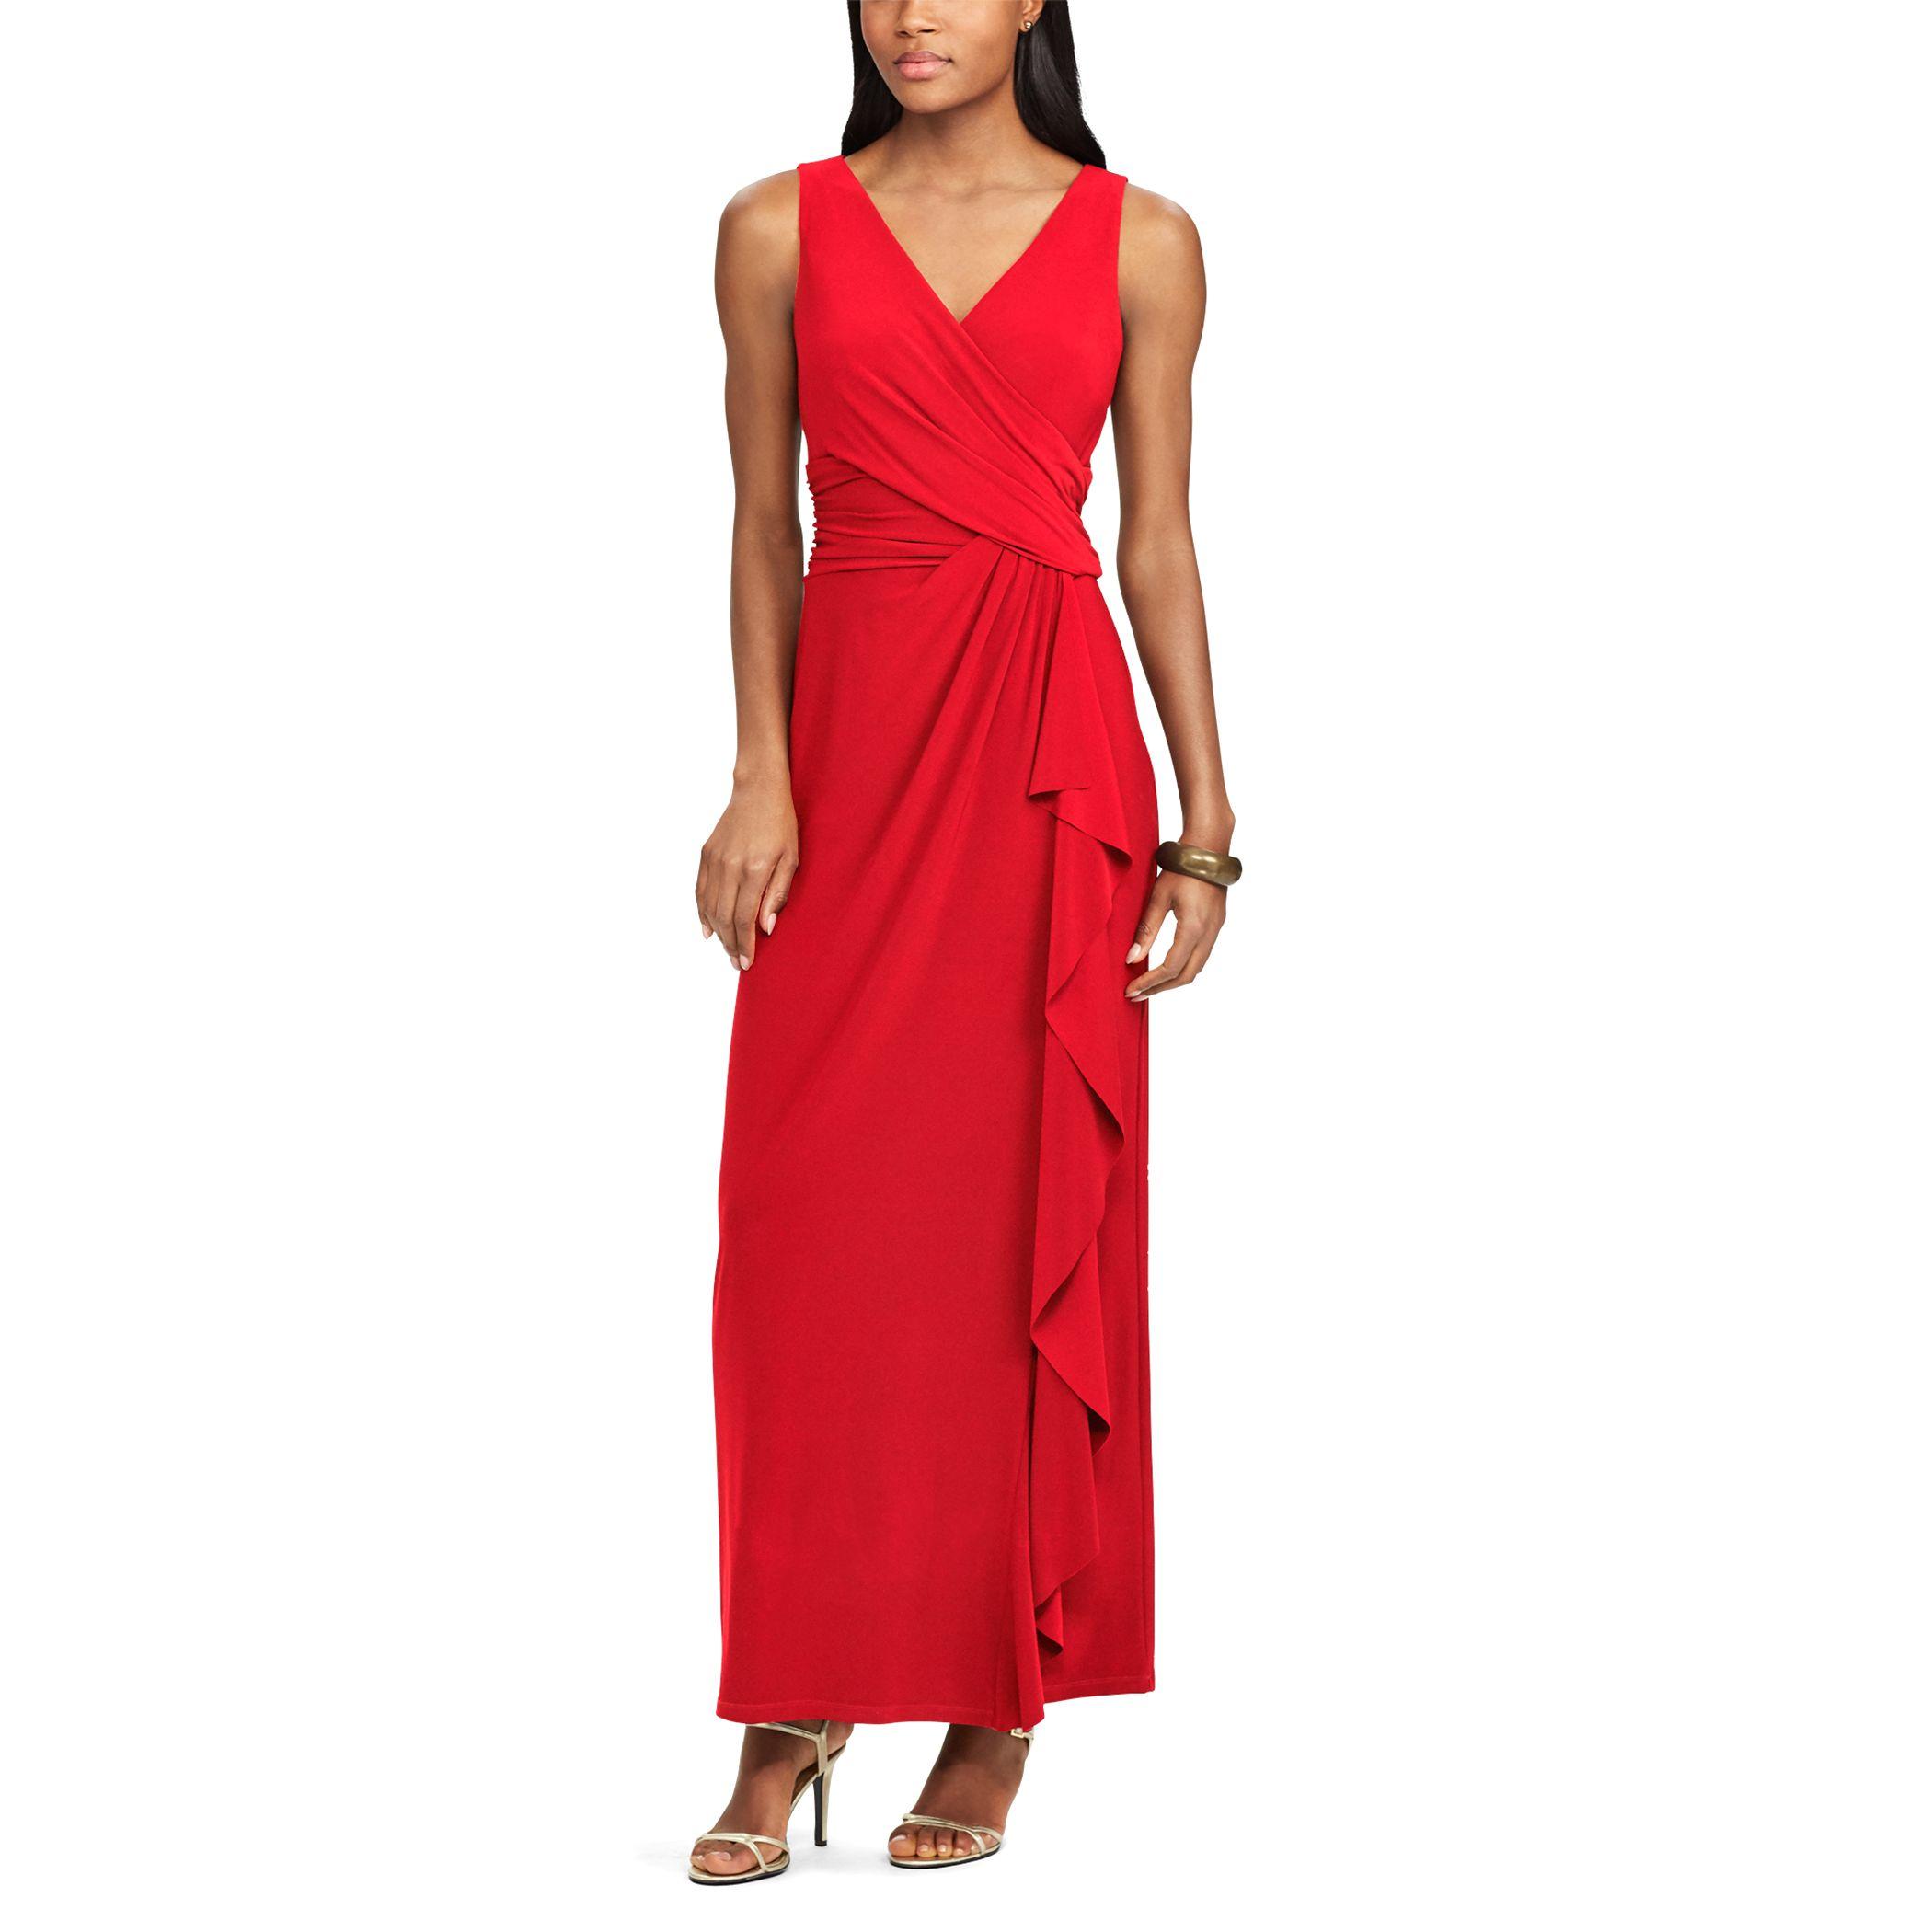 Red dress kohls 0 coupon